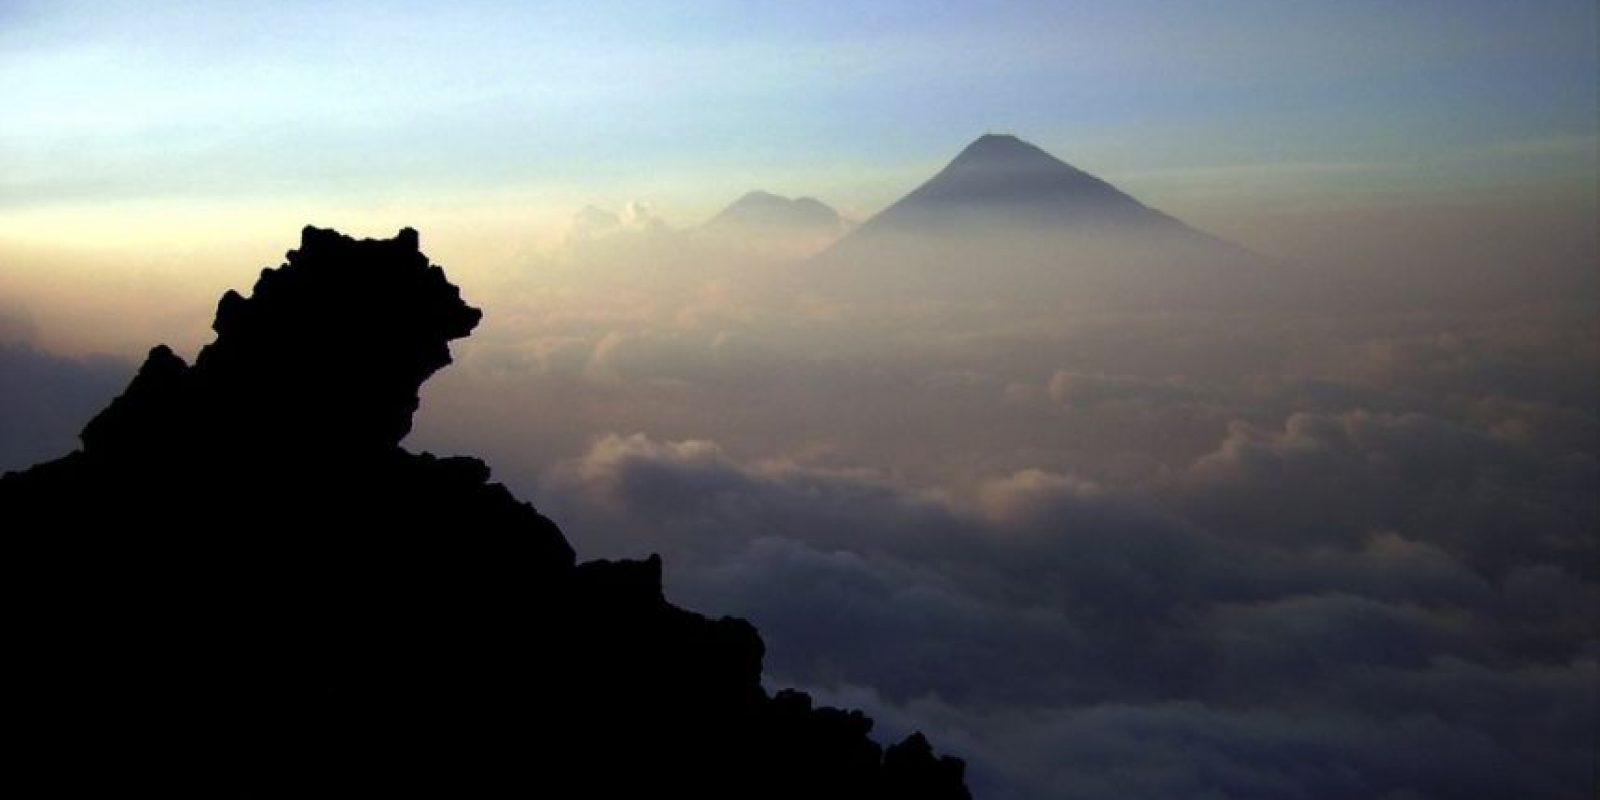 Guatemala posee 33 volcanes, 3 de los cuales están activos. Pero mejor no vayas a explorarlos porque te desilusionarás.